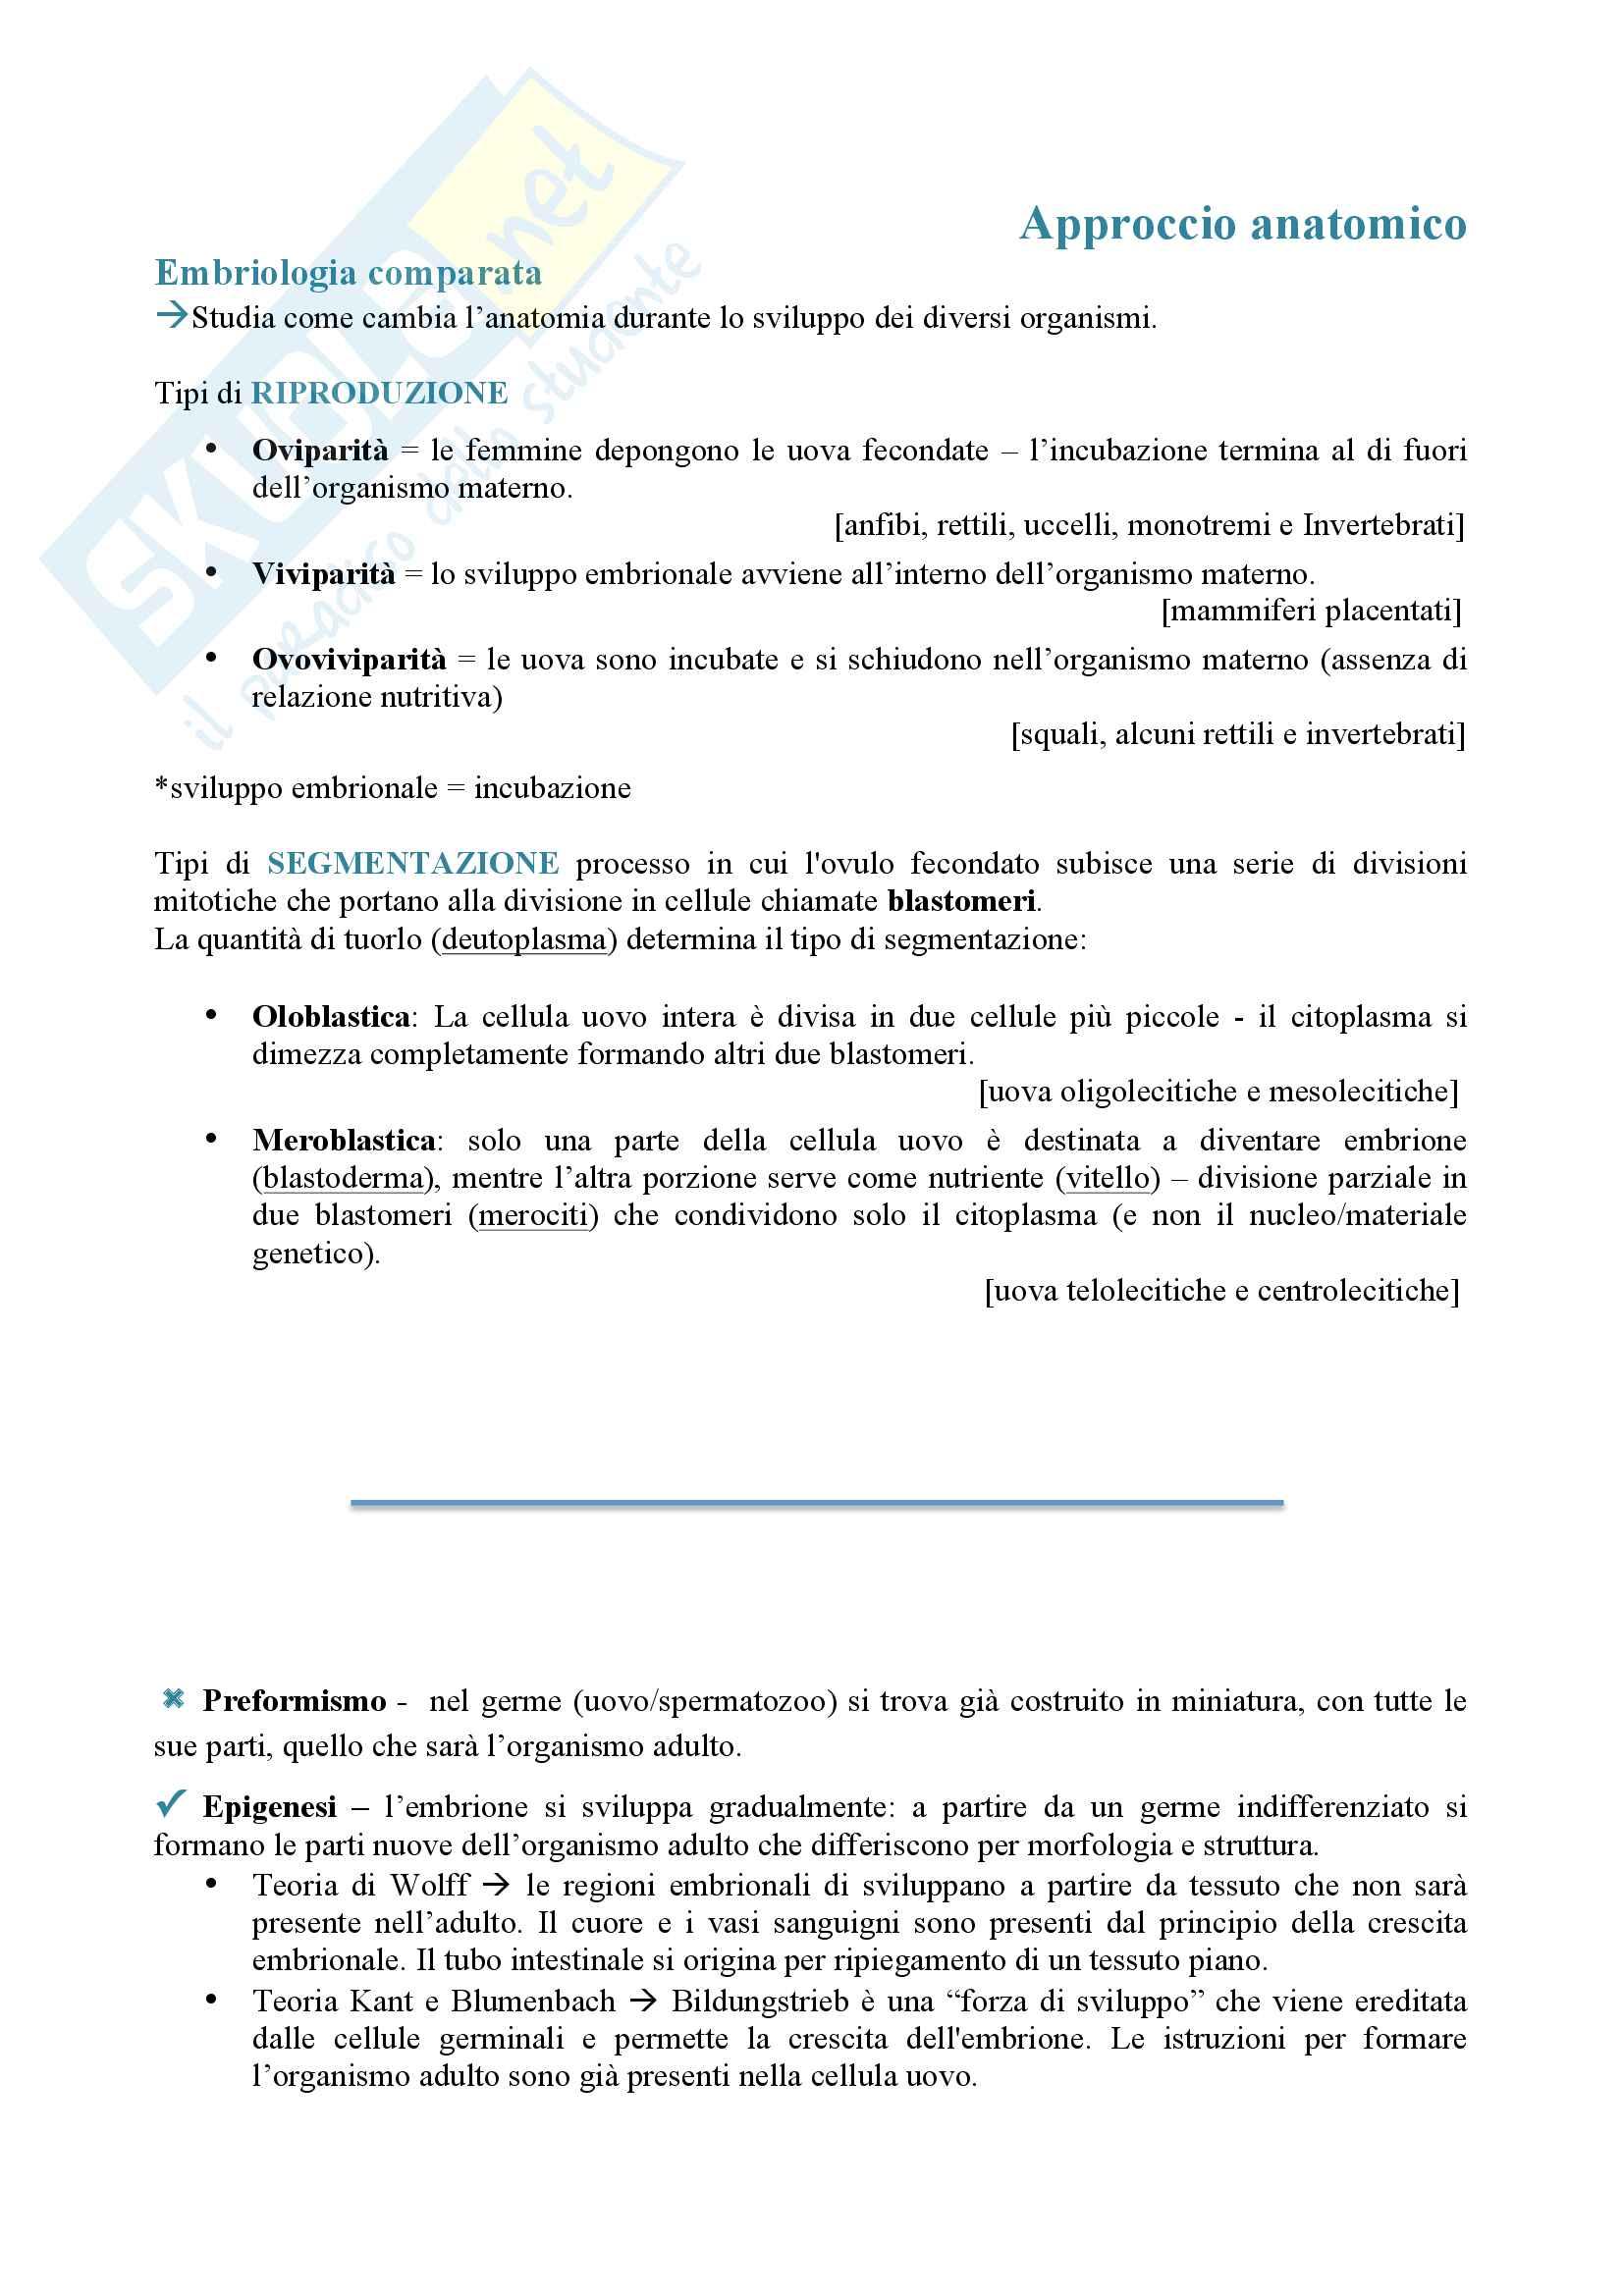 Appunti biologia dello sviluppo Pag. 2